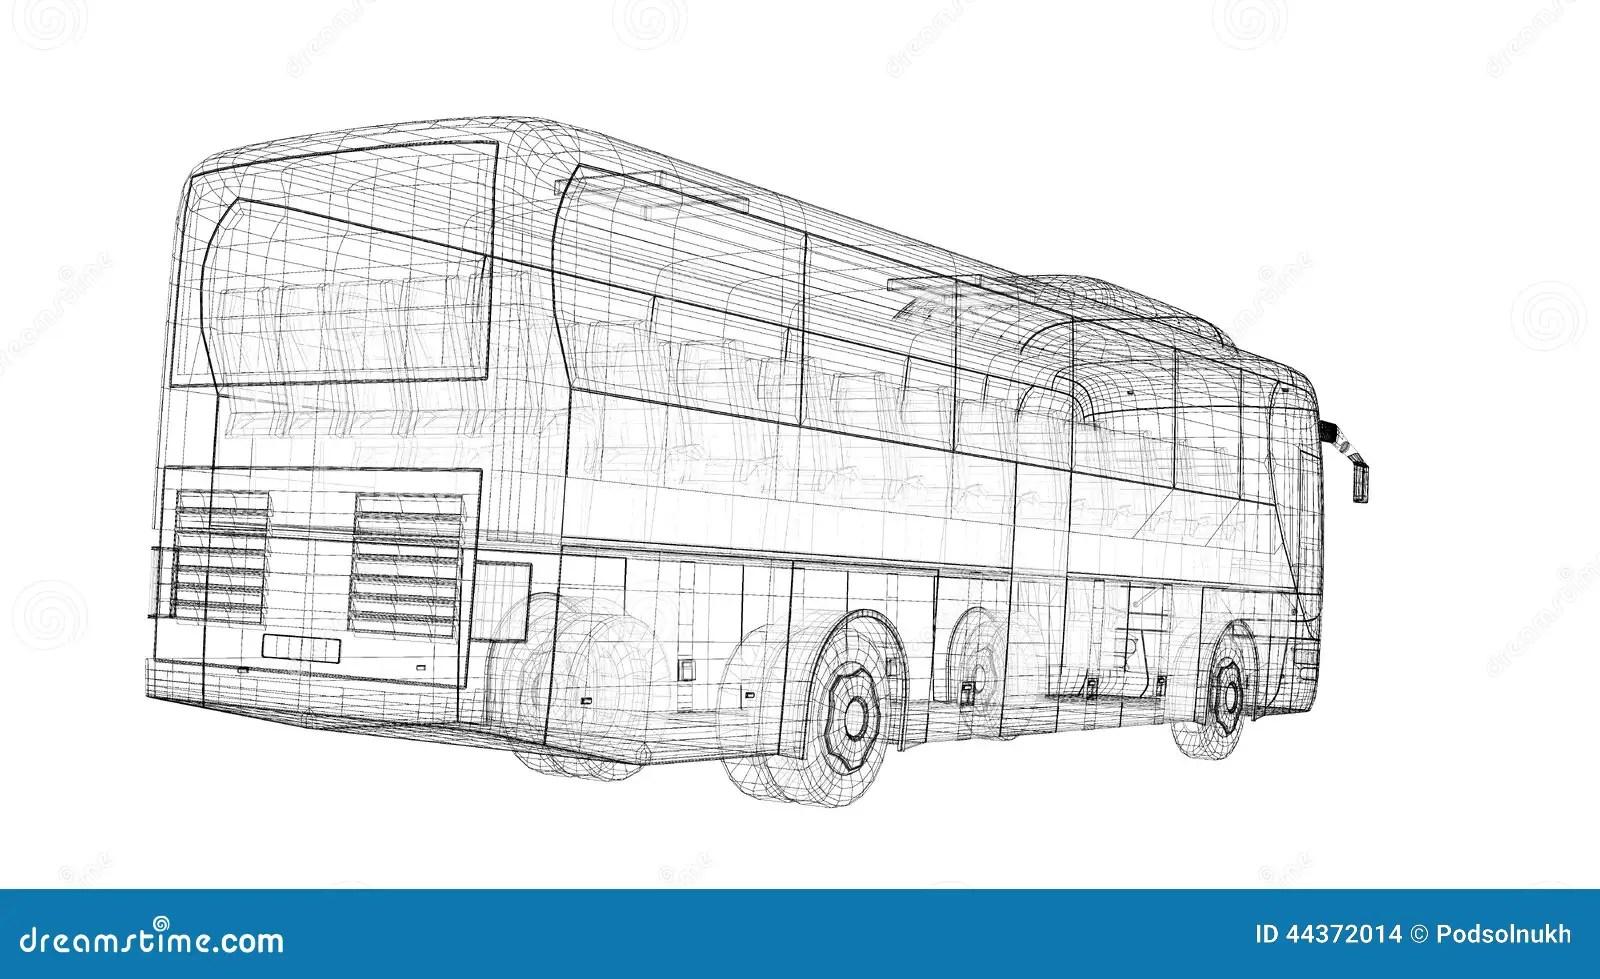 Autobus stock illustration. Illustration of freight